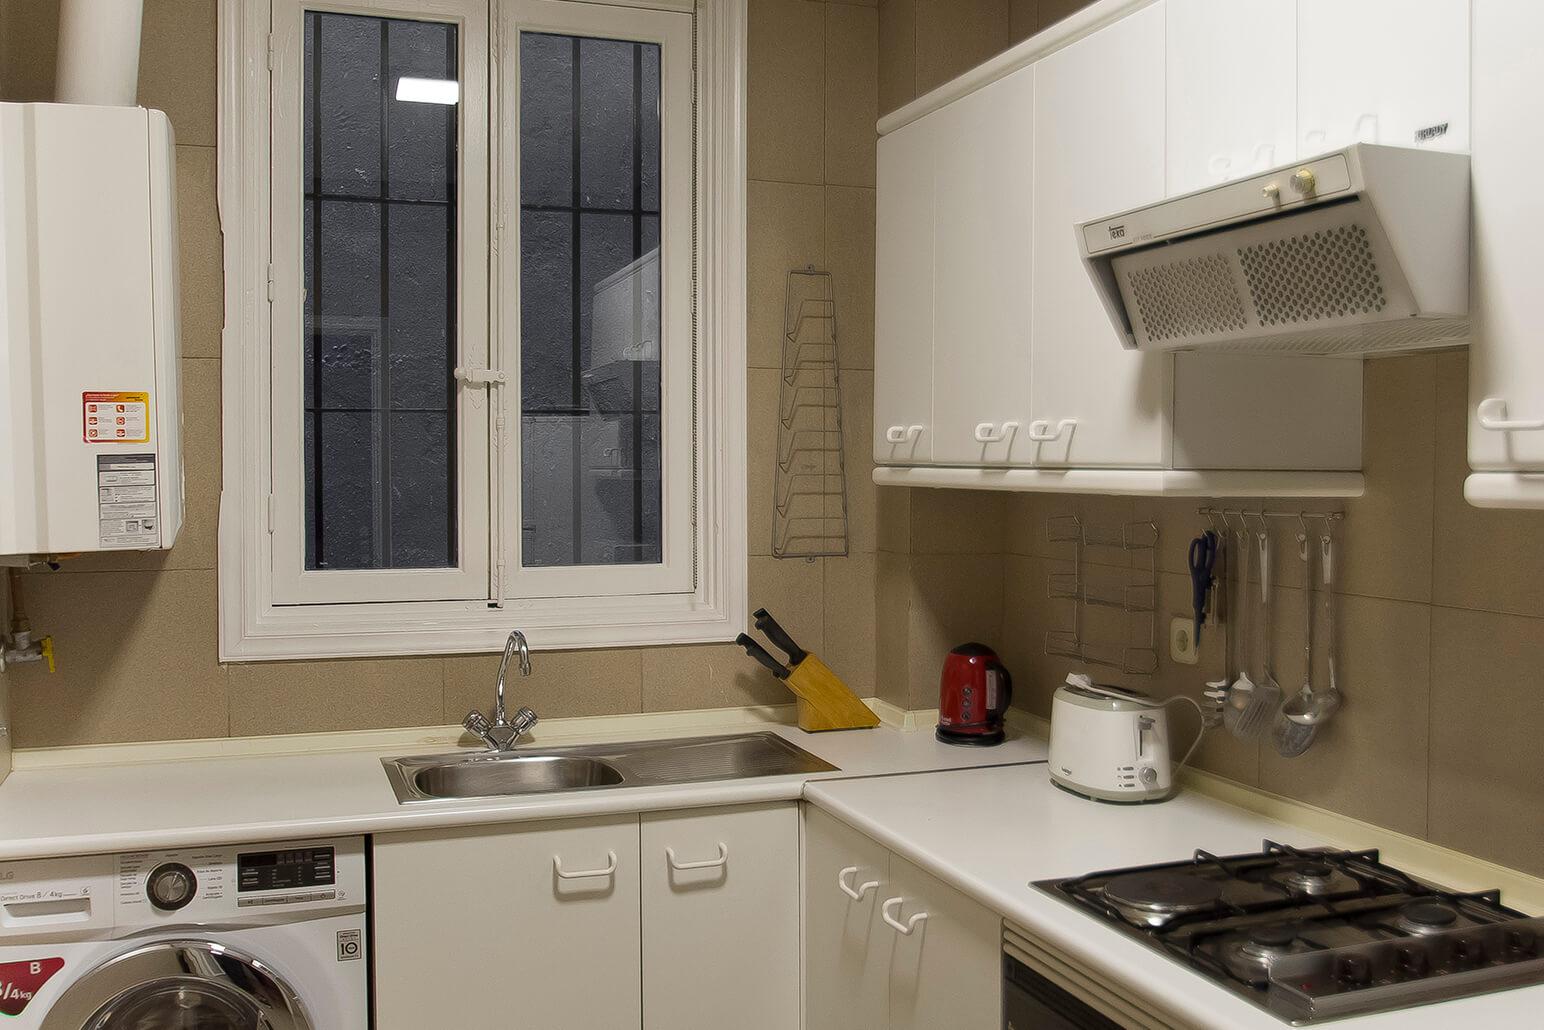 Kitchen at Claudio Coello 14 Apartments, Recoletos, Madrid